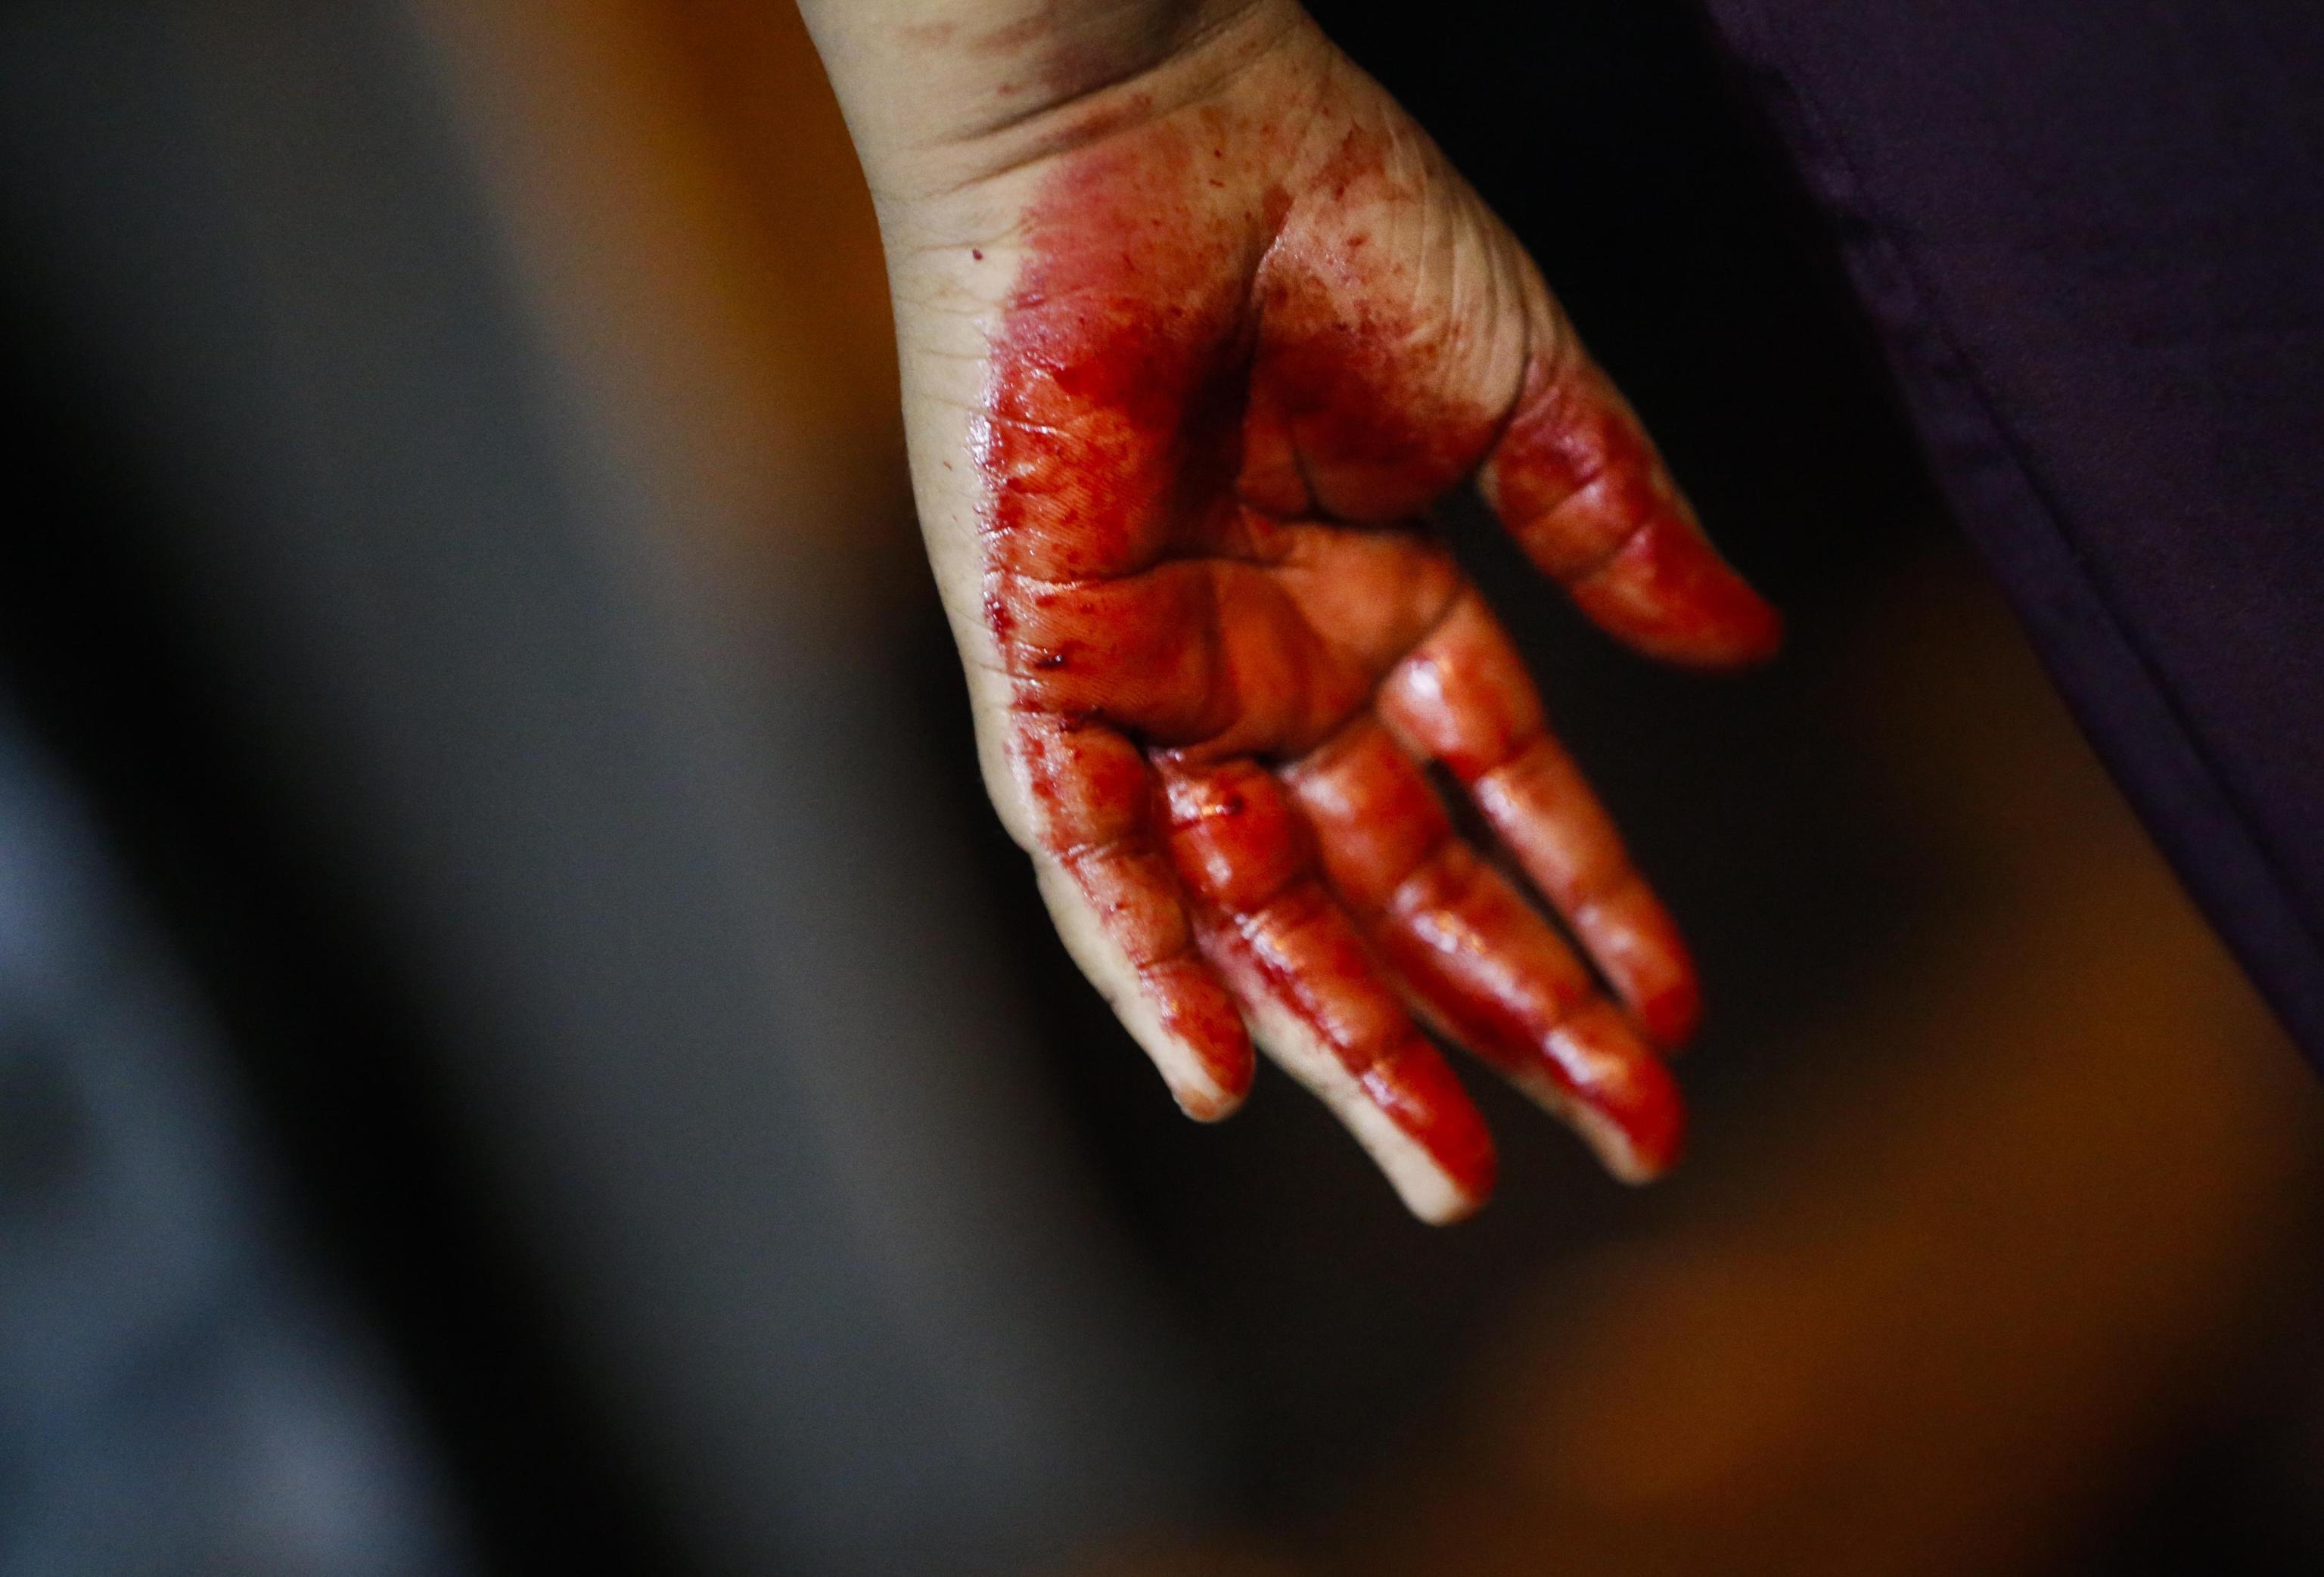 La mano insanguinata di un ragazzo dopo la flagellazione autoinflitta